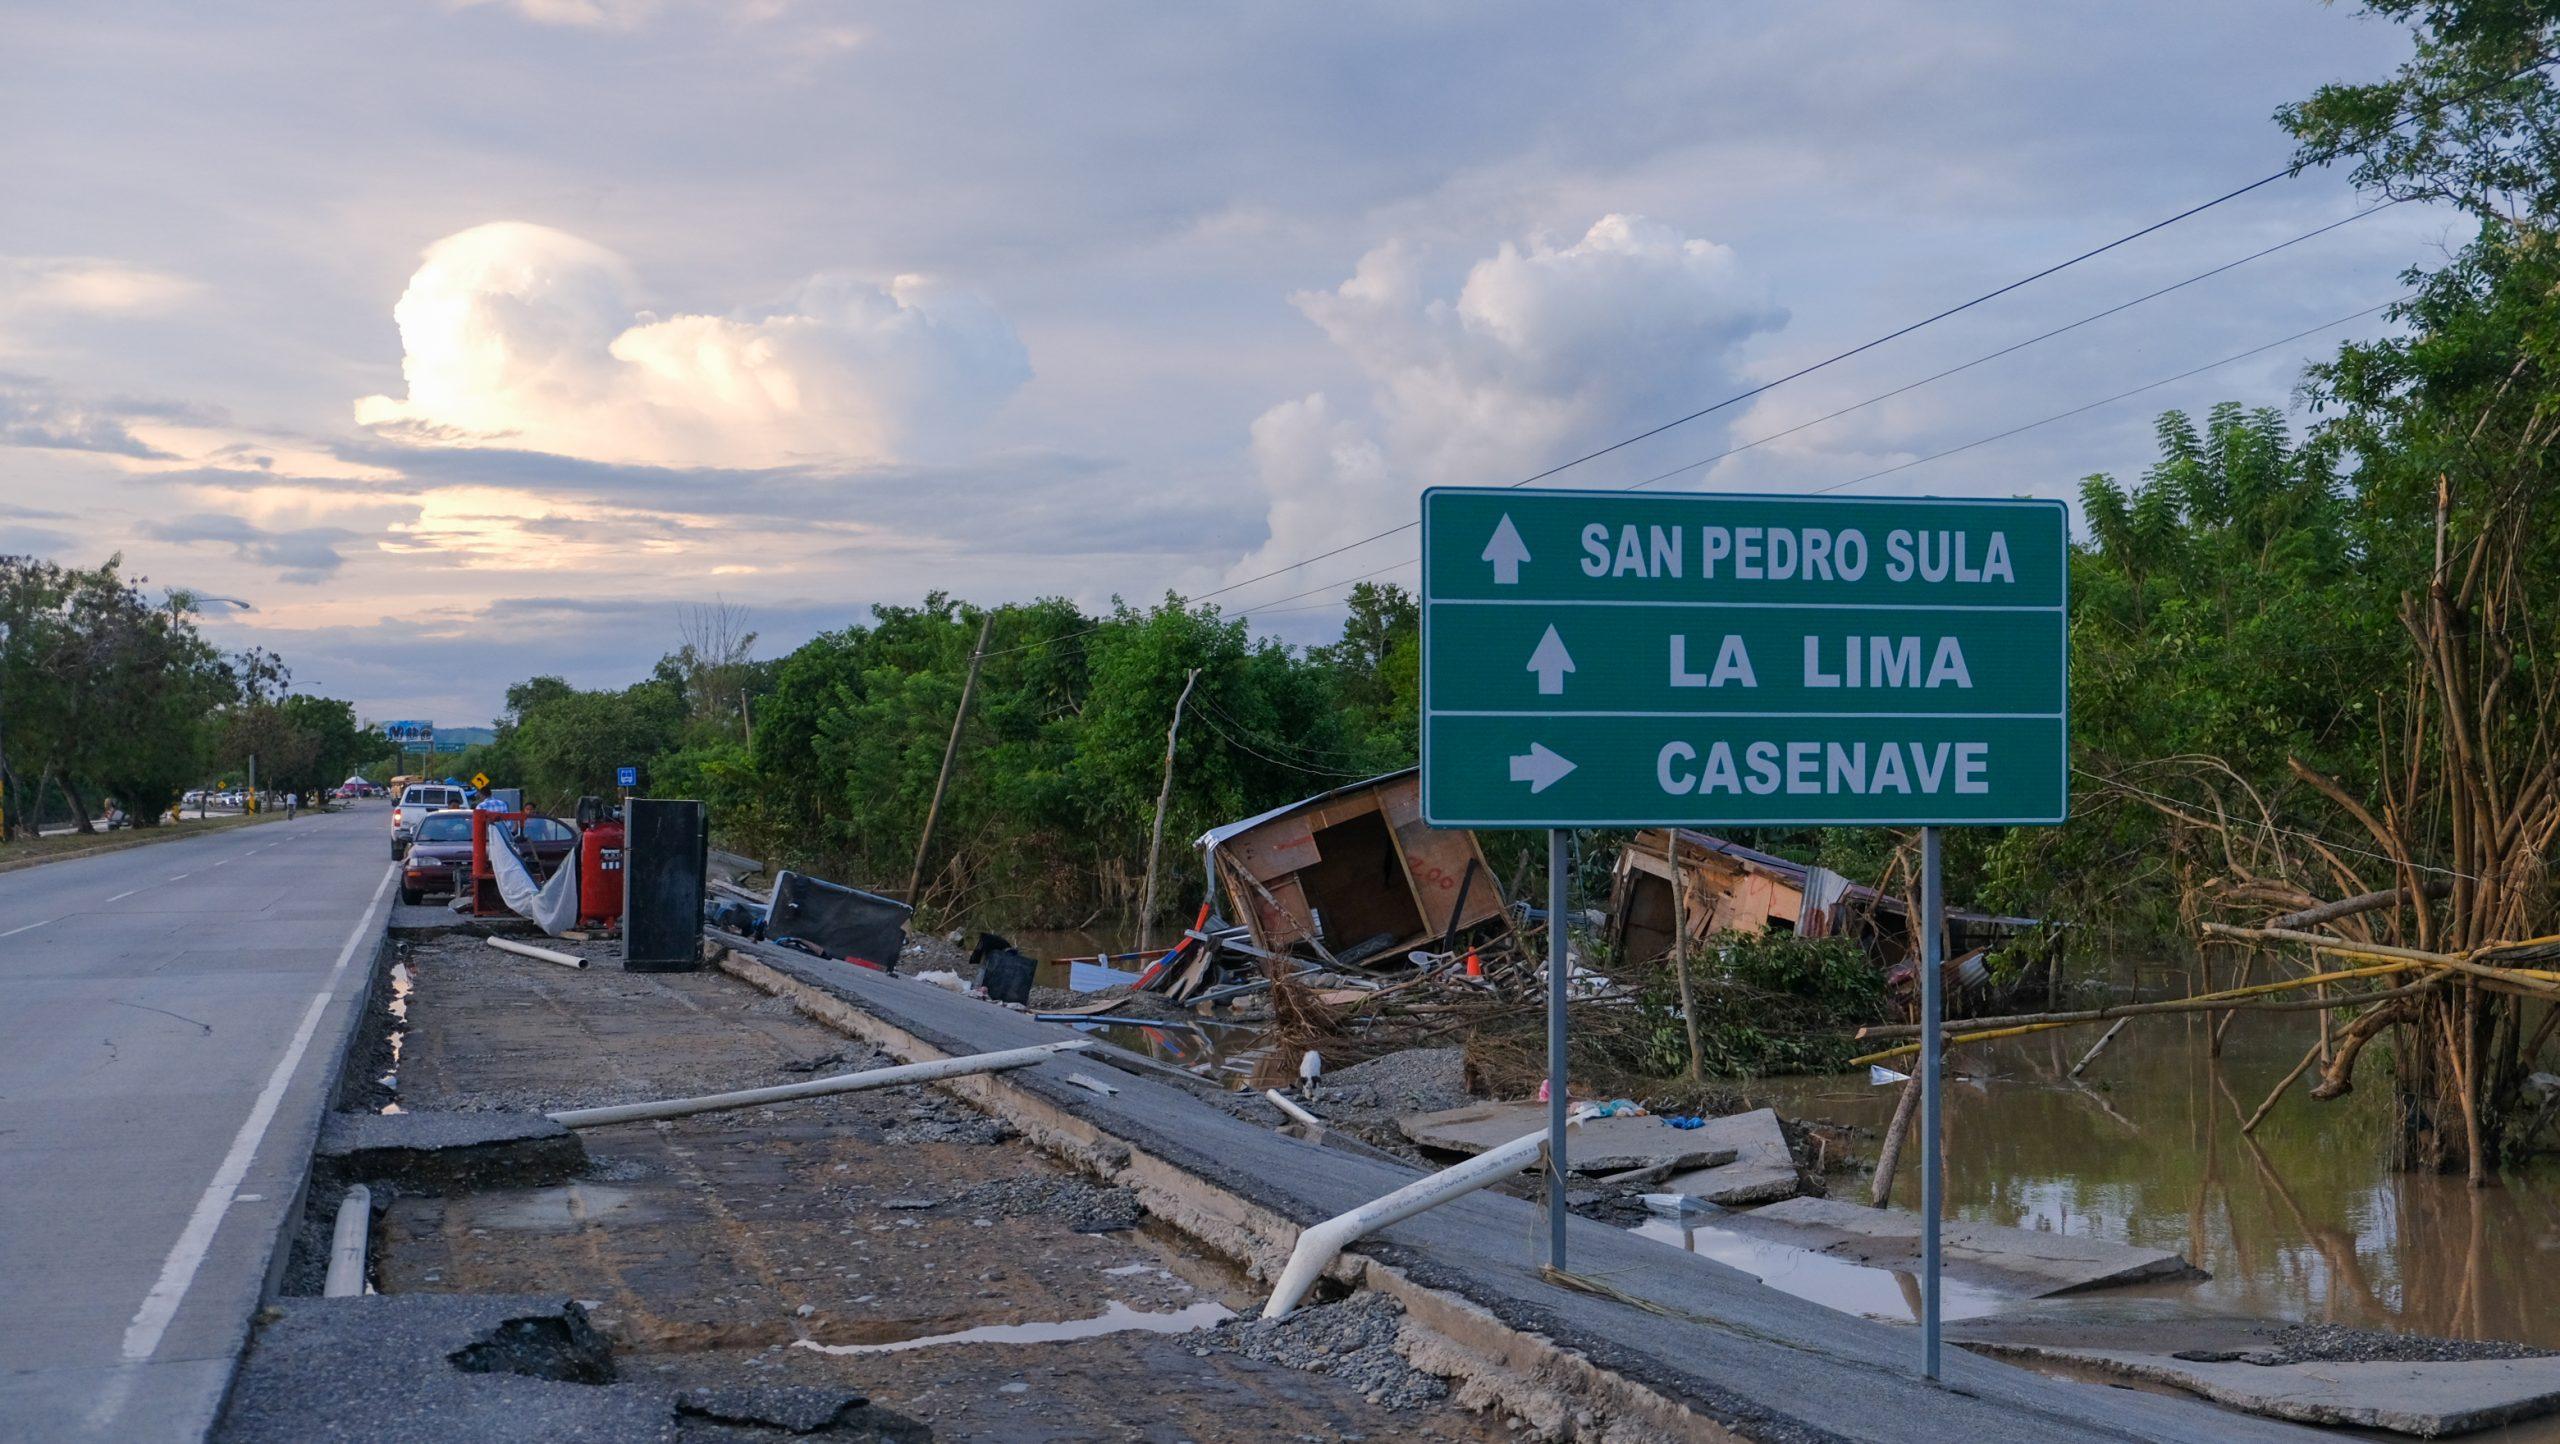 El paso de Eta dejó destrucción en viviendas y en la infraestructura vial. La Lima, Cortés, 7 de noviembre de 2020. Foto: Deiby Yanes.